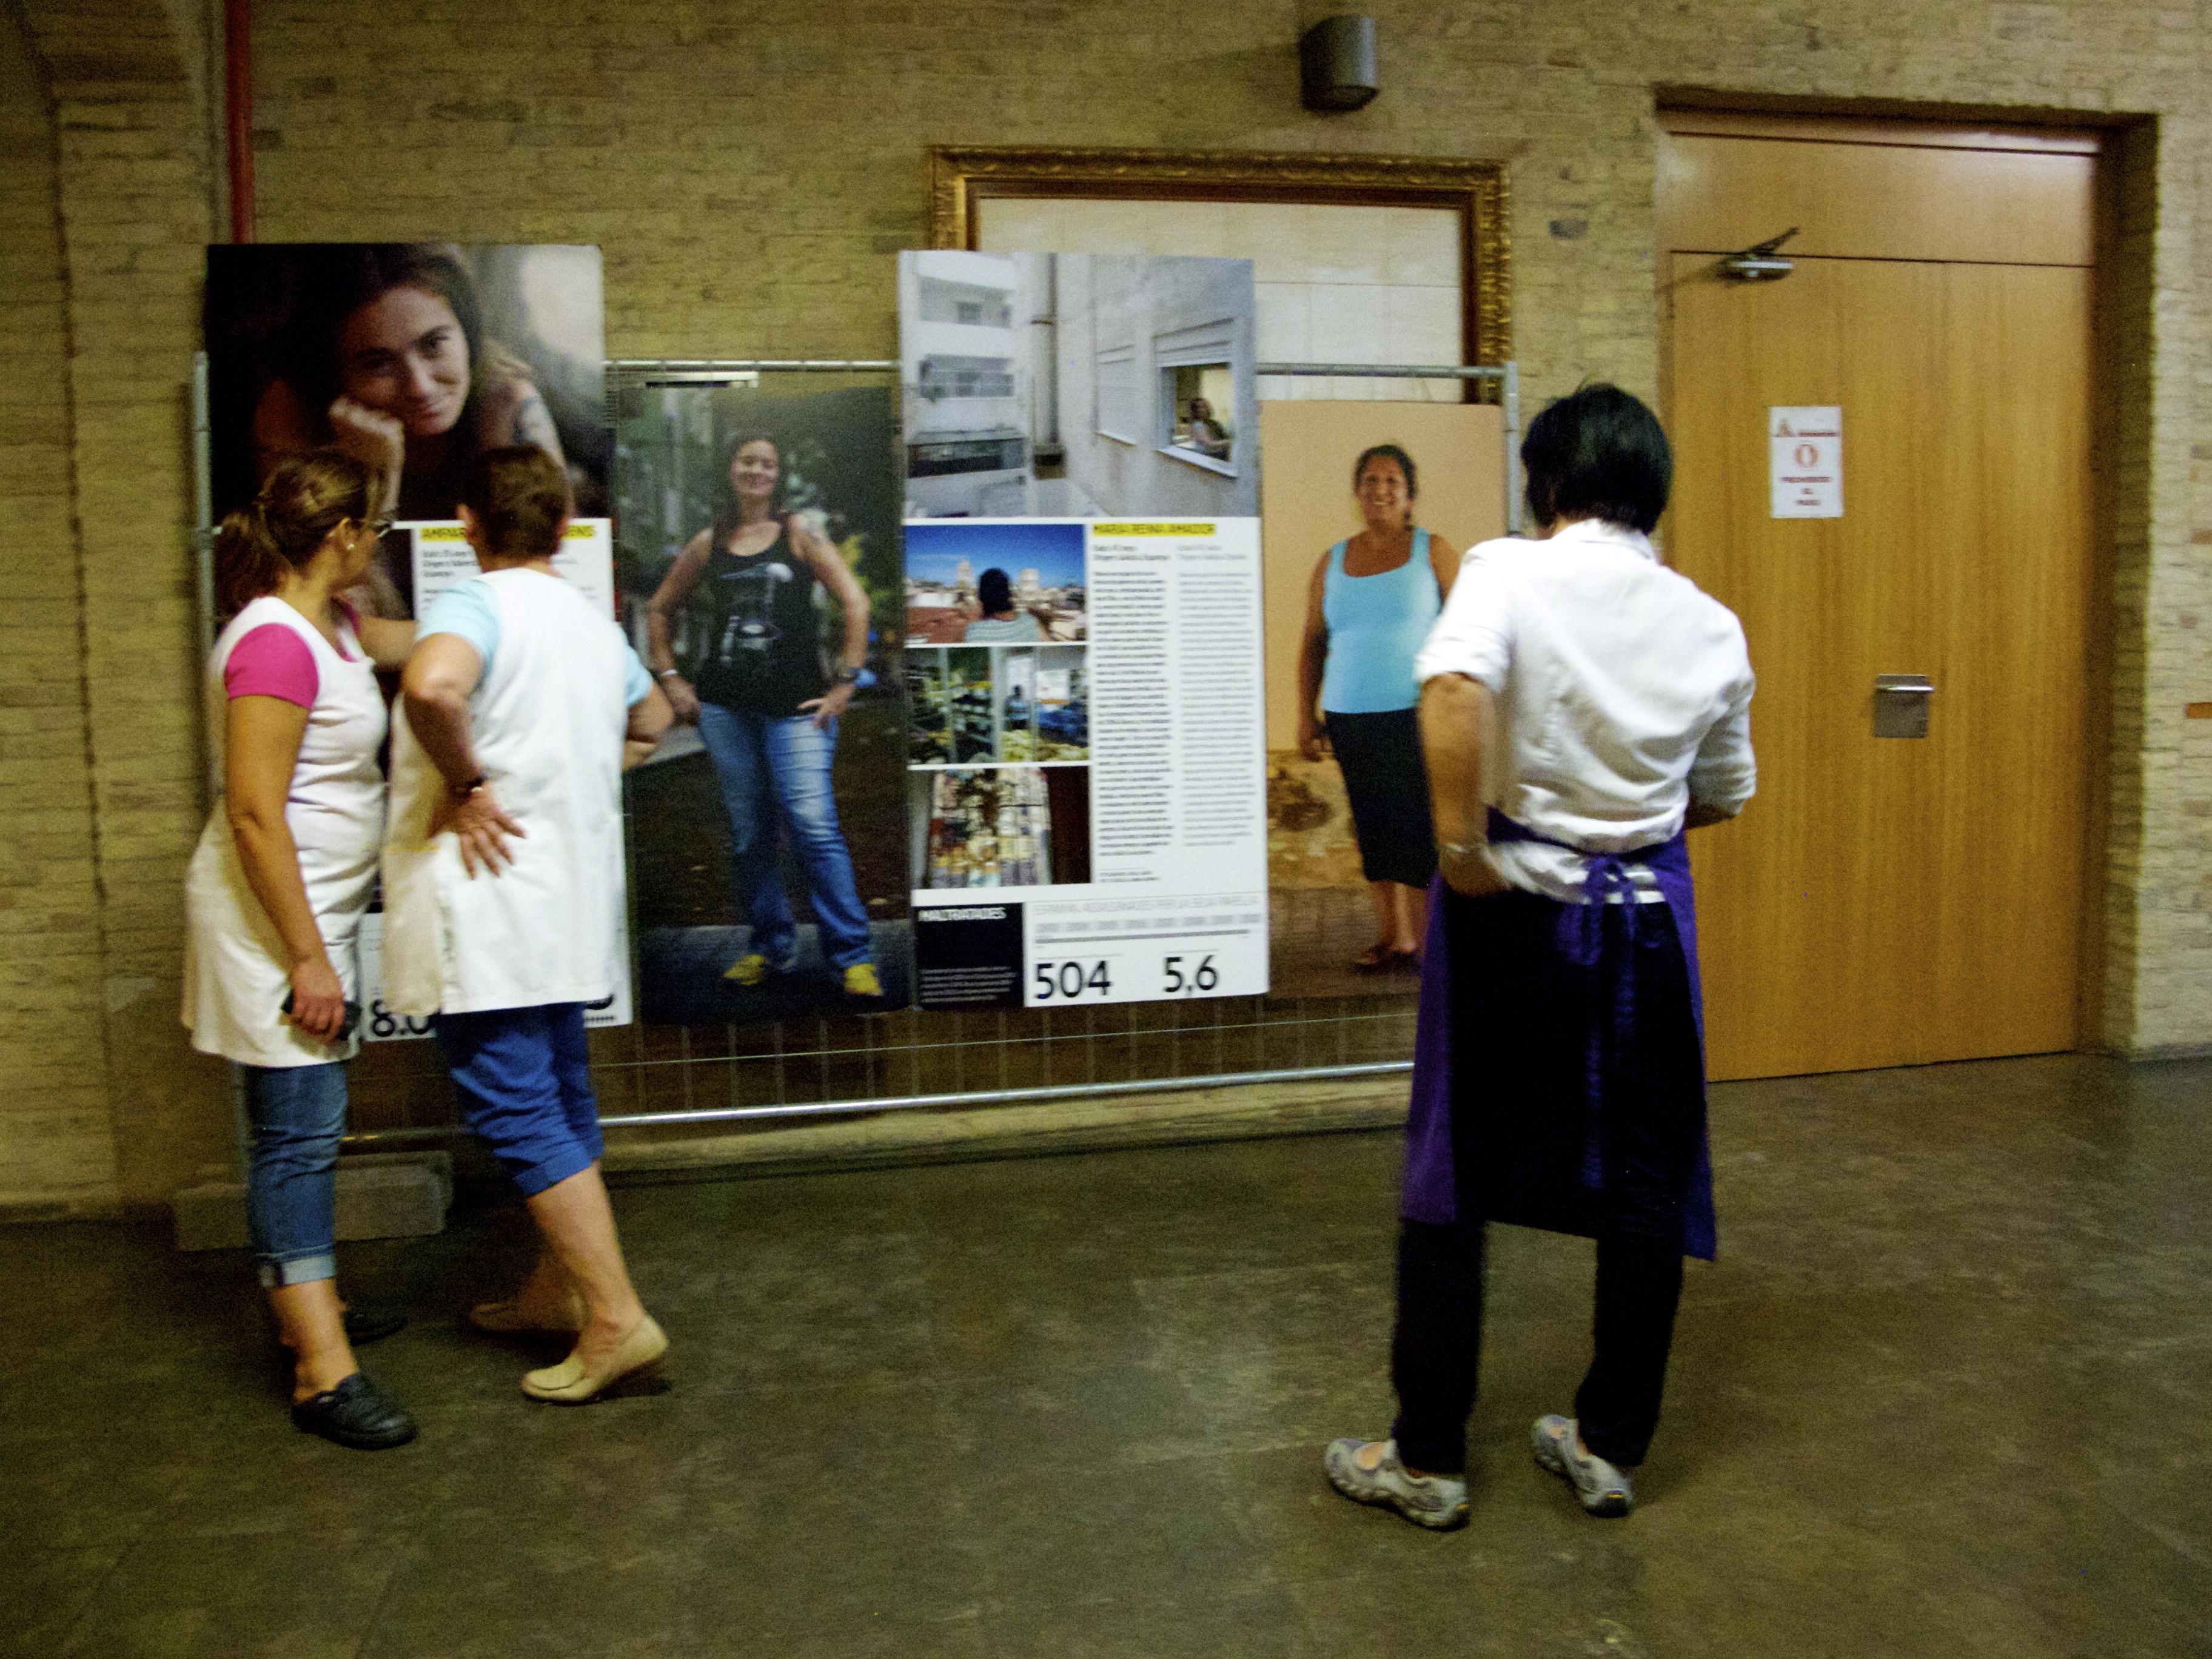 Inauguración de la exposición 'Sietes reportajes para la Inclusión' de la Xarxa EAPN CV en el Mercado Central de Valencia